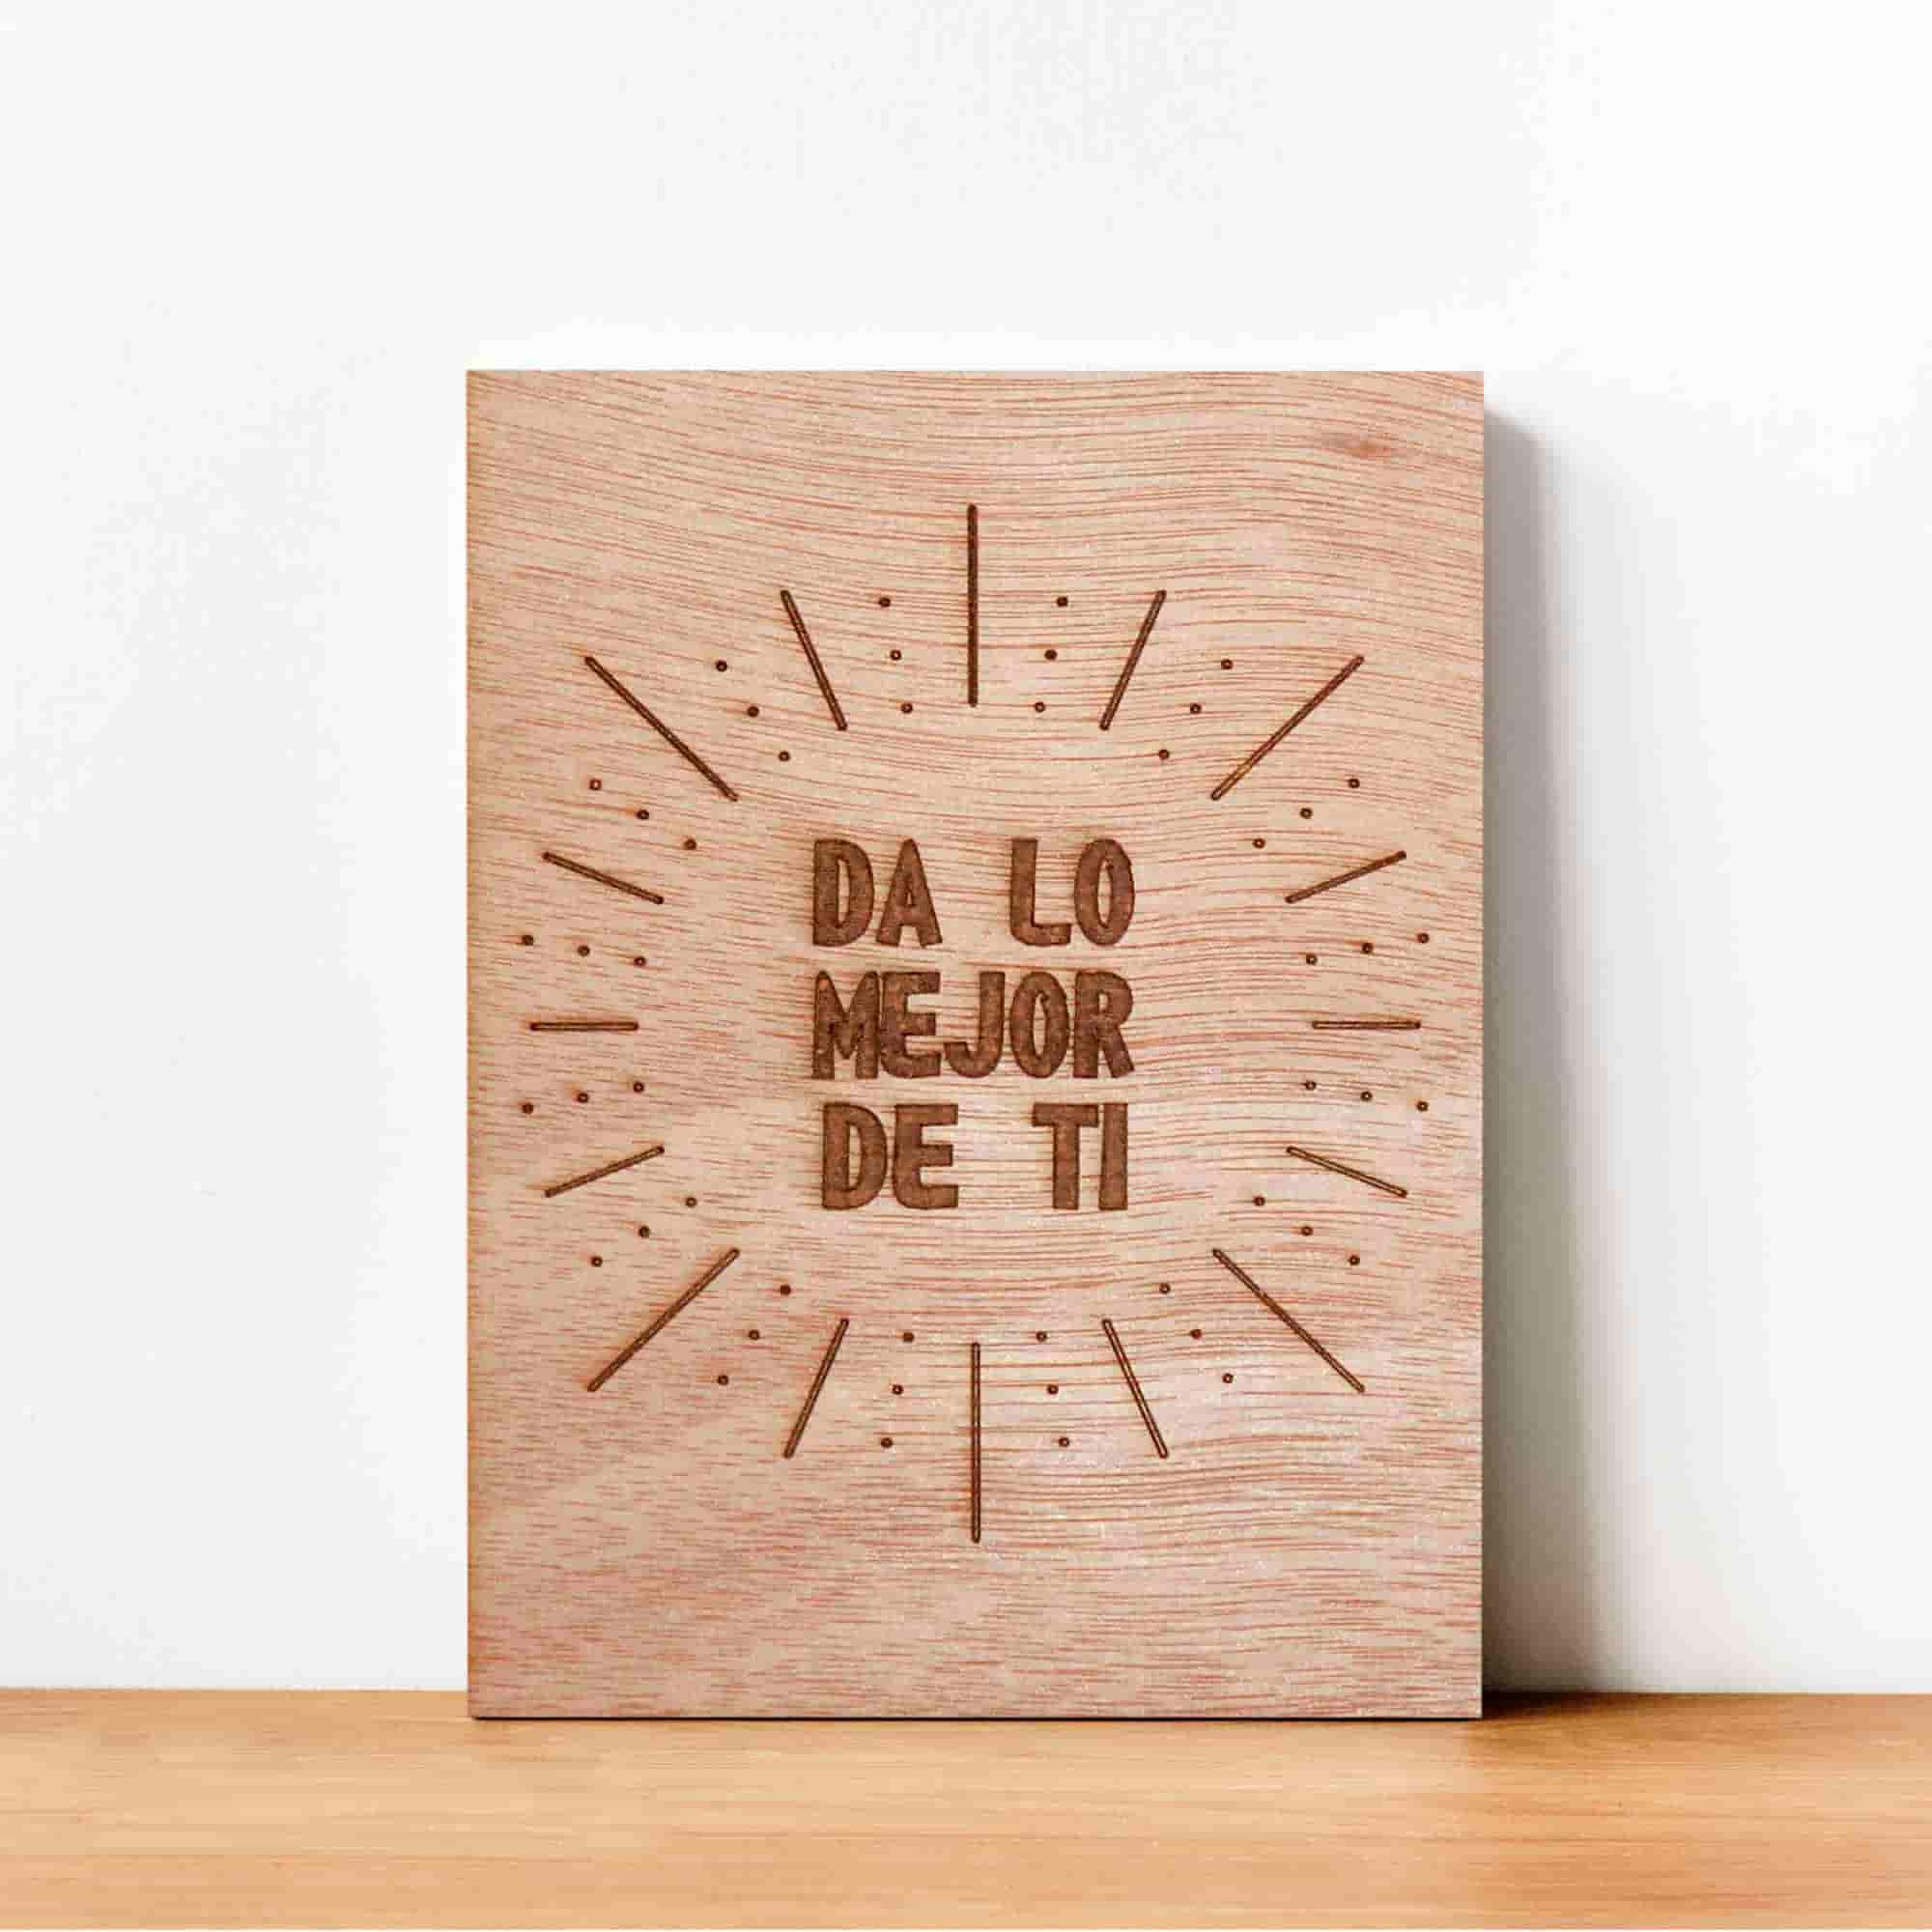 Letrero da lo mejor de ti grabado con láser sobre madera